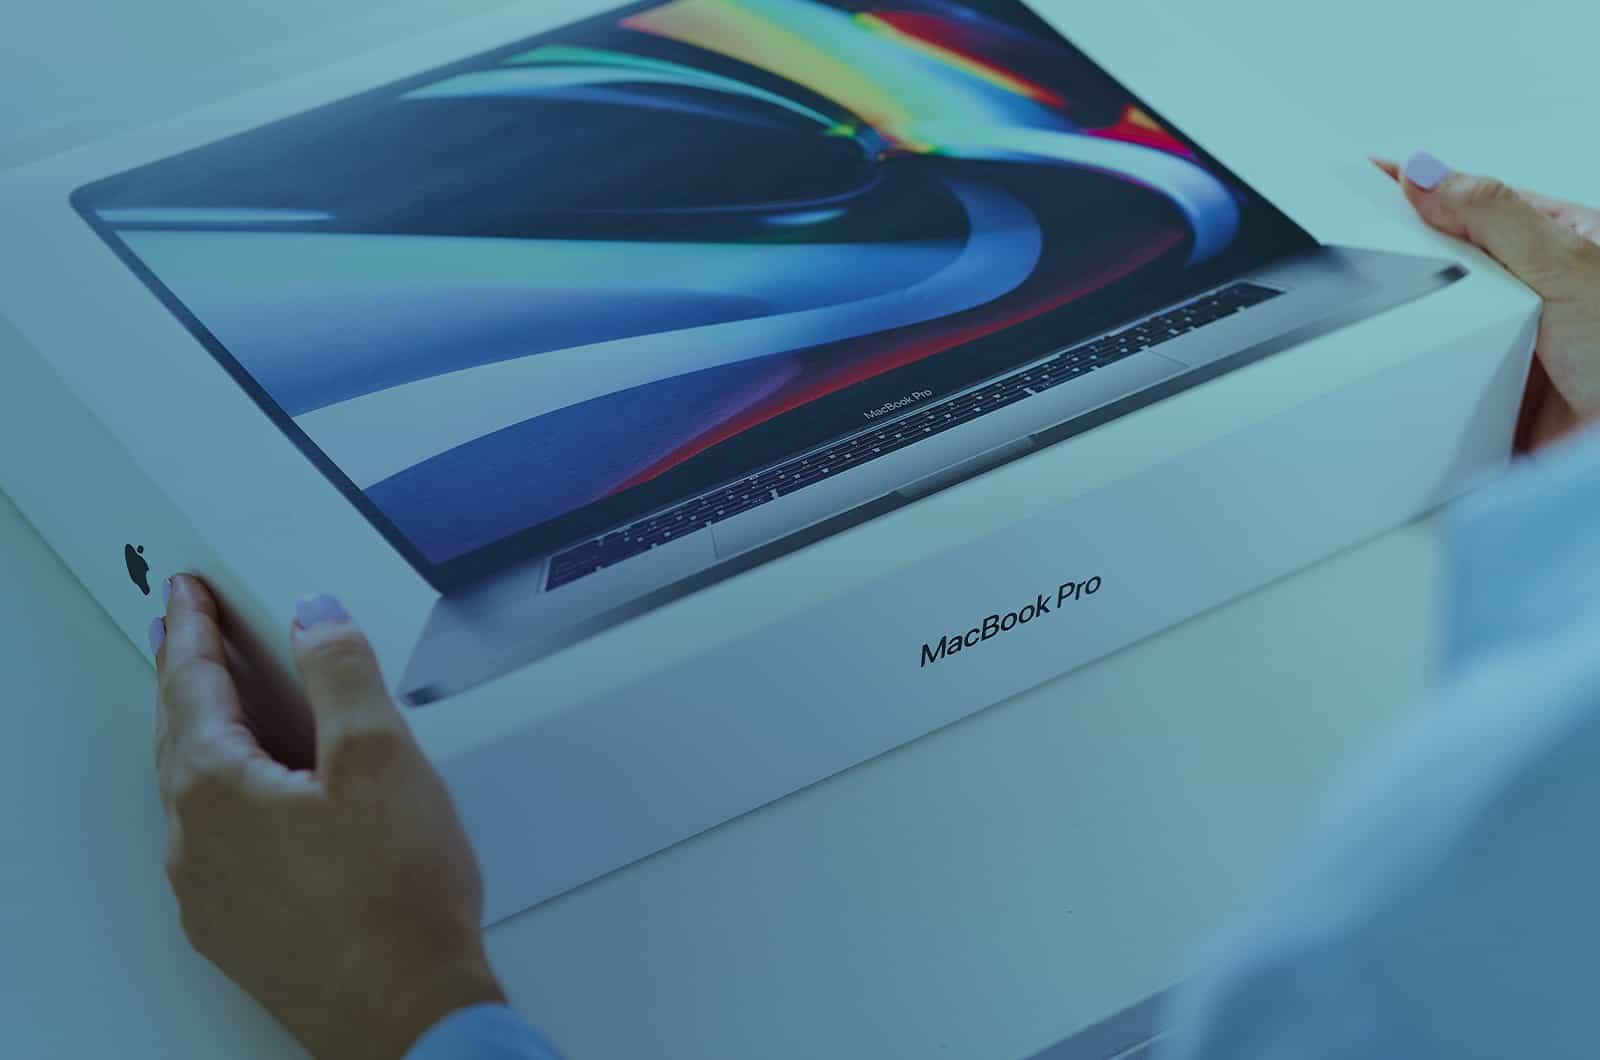 Packaging MacBook Pro